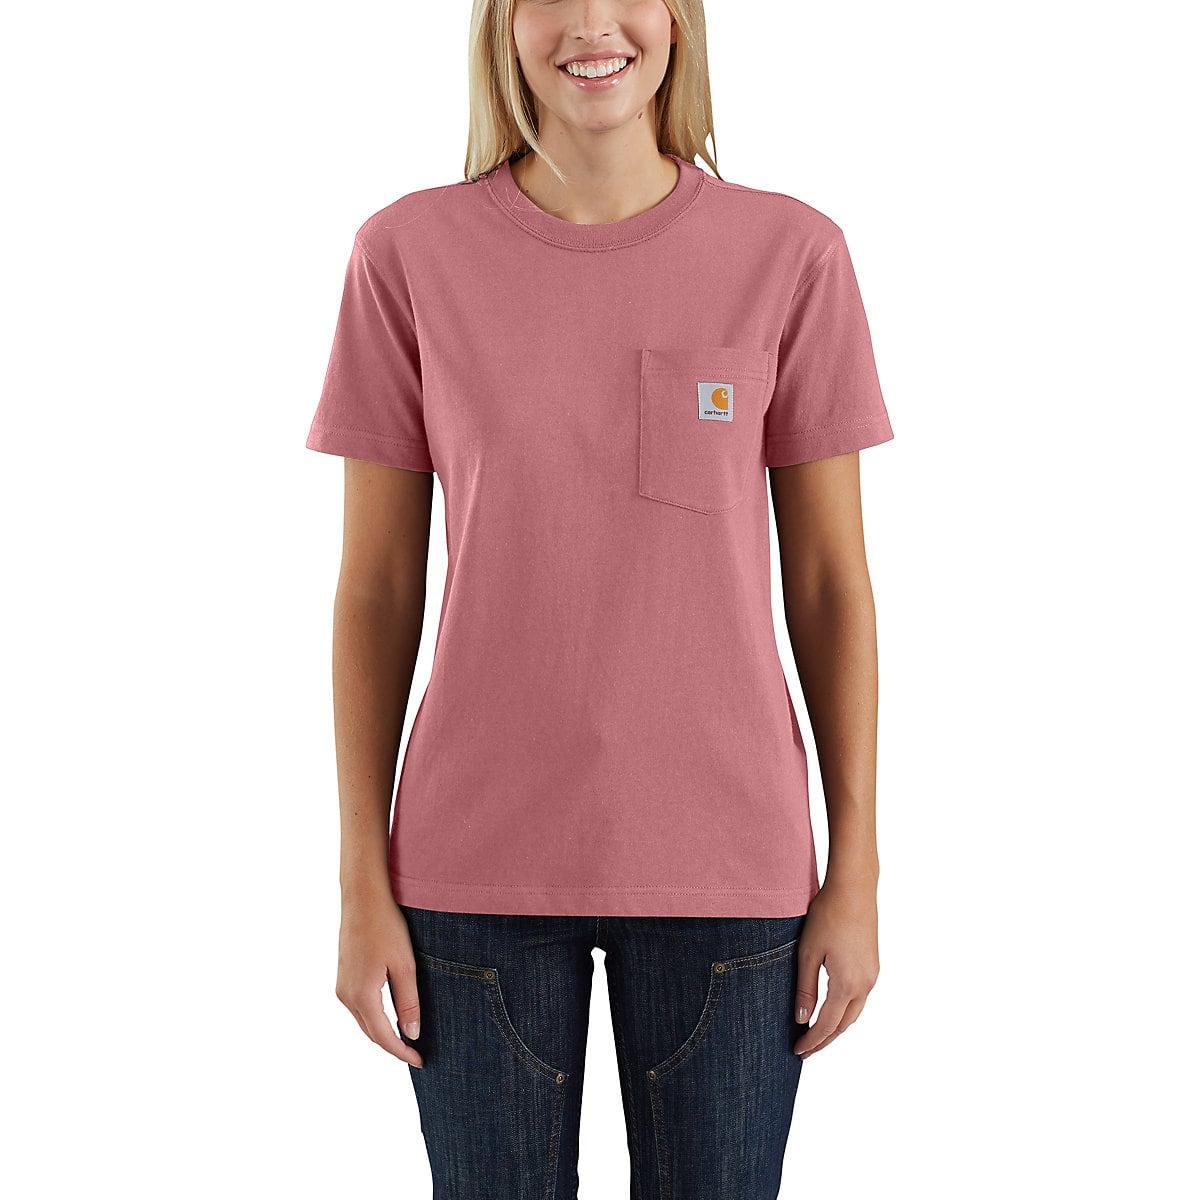 3e23ec3a58 Women's WK87 Workwear Pocket T-Shirt 103067   Carhartt